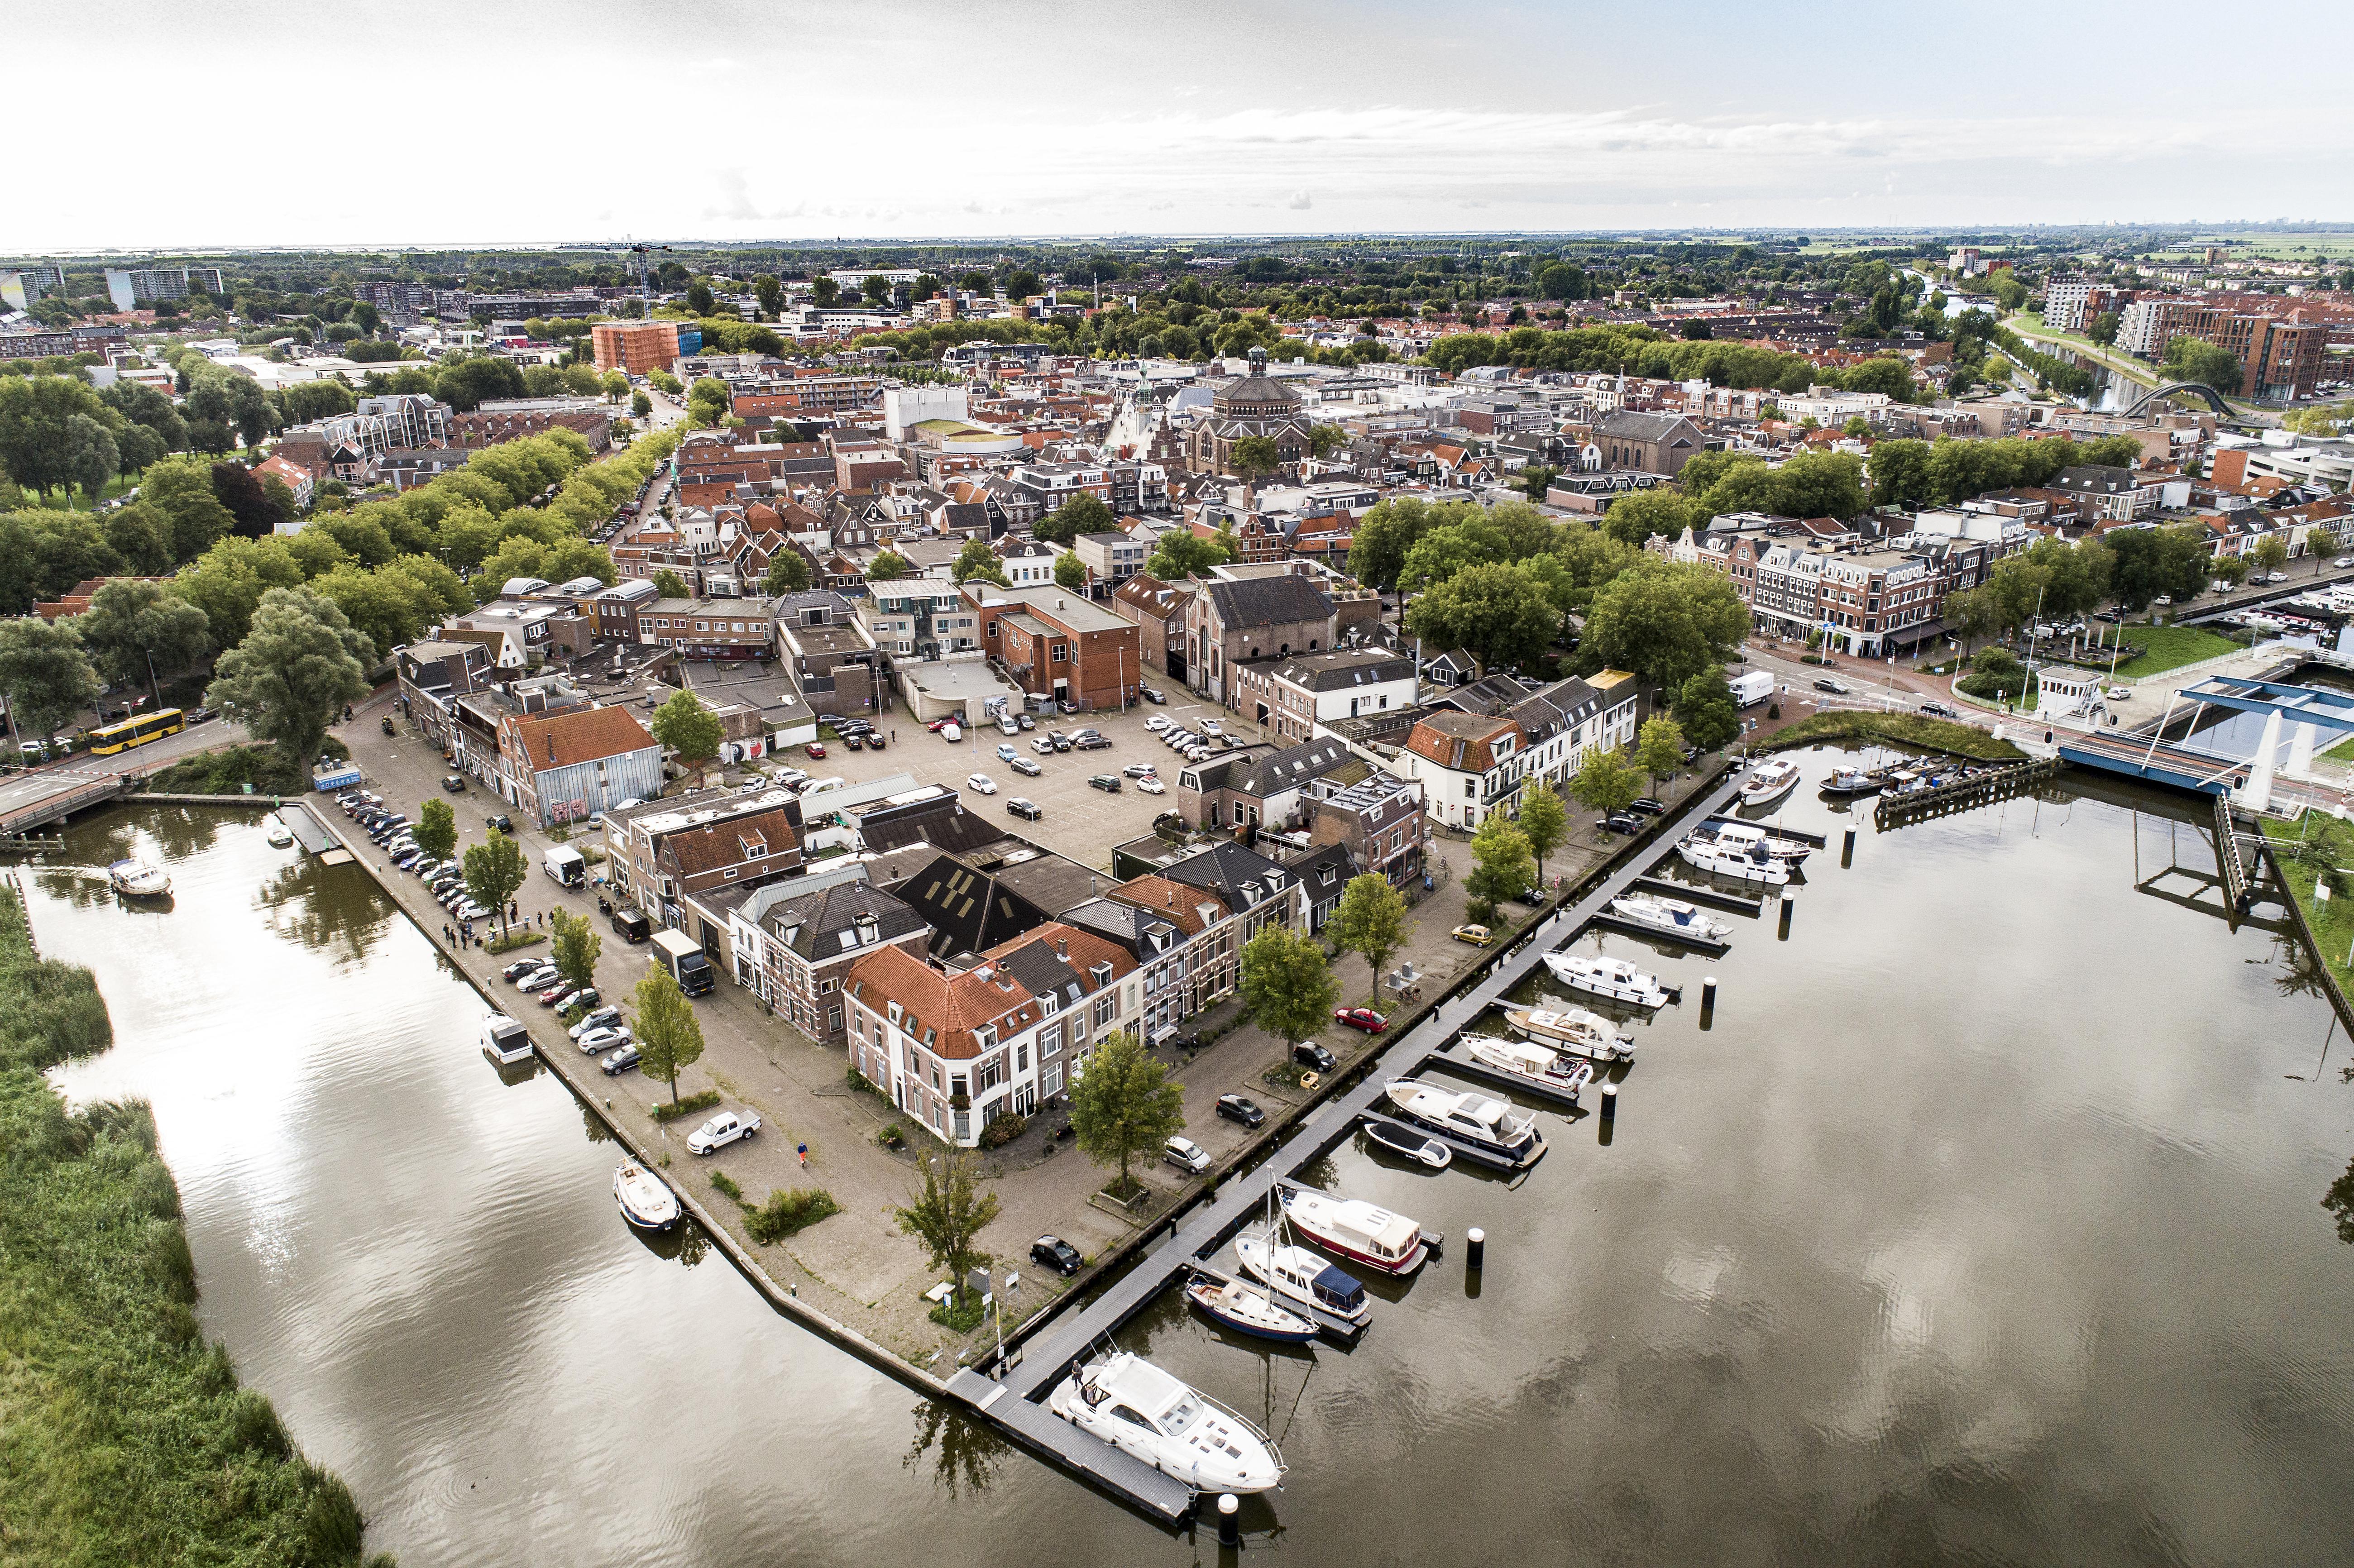 Ooit stond hier Slot Purmersteijn, maar alles wijst erop dat er nu 'nieuwe kasteeltjes' komen in het gebied De Vijfhoek in Purmerend (luchtfoto)